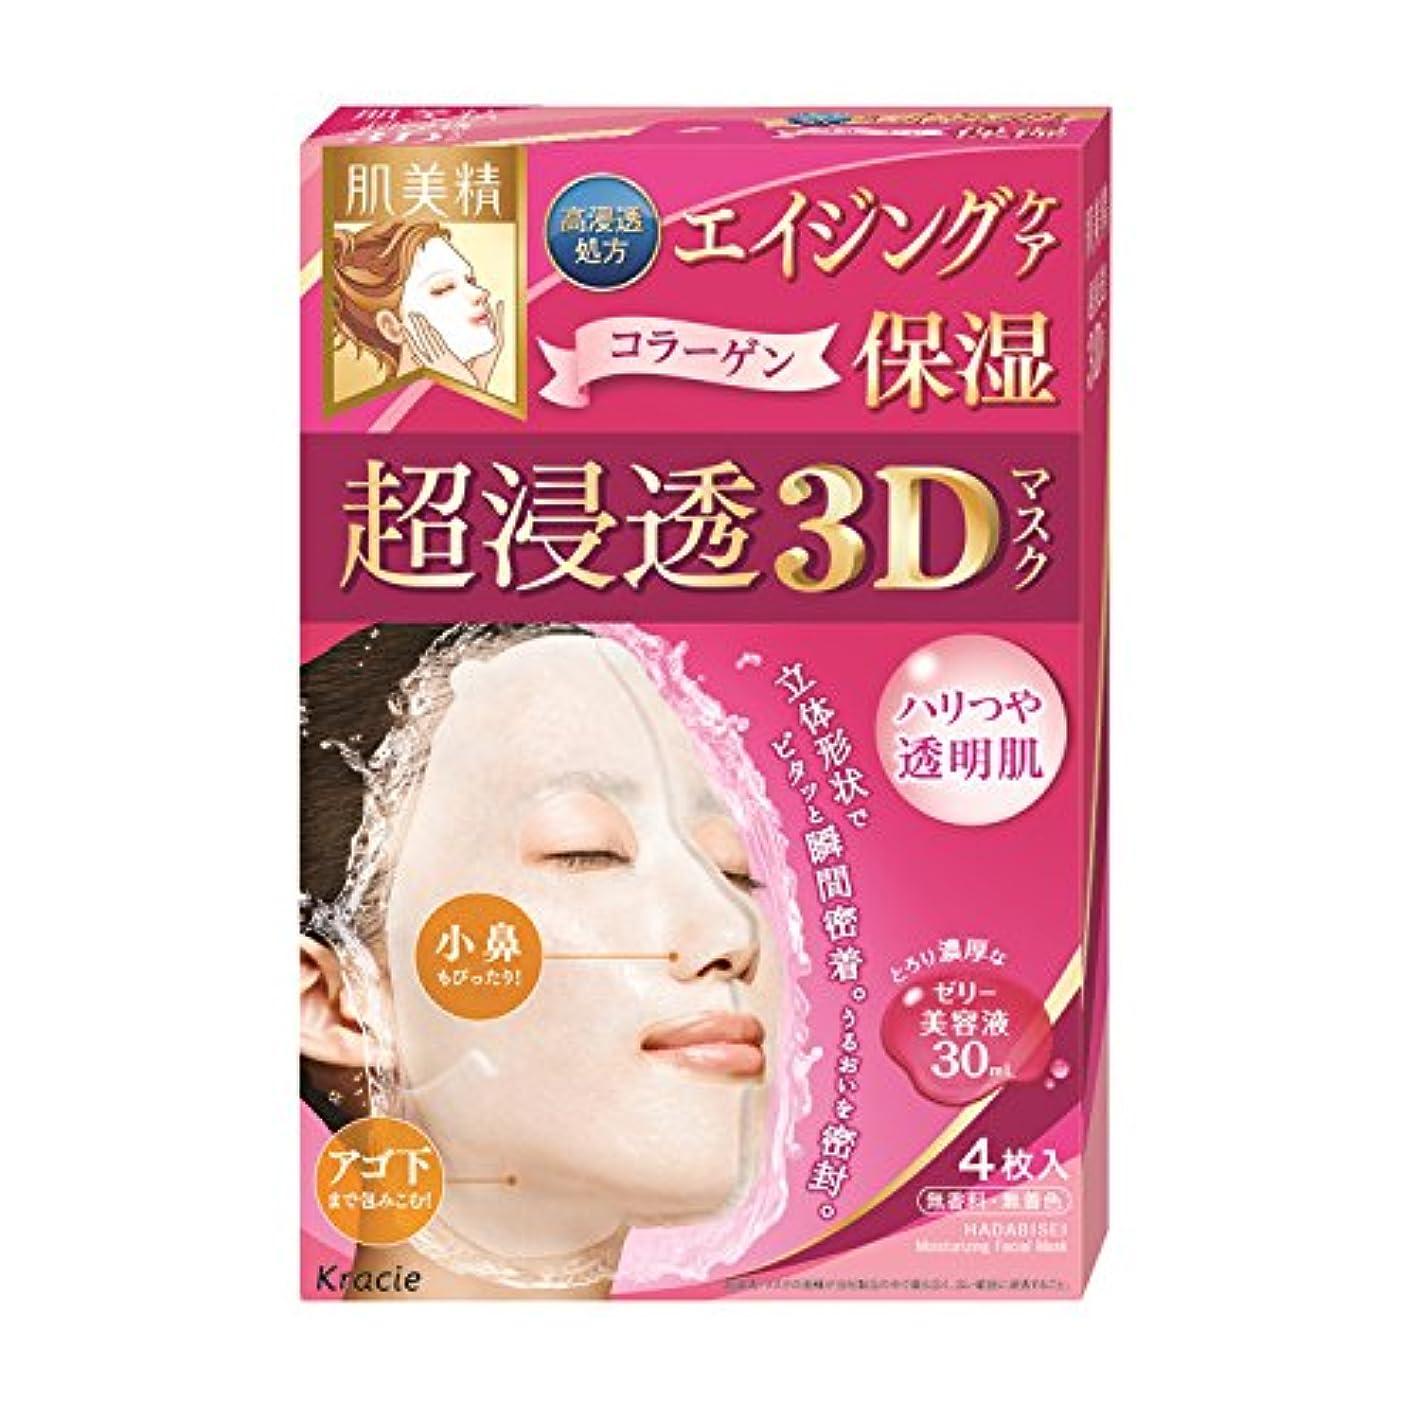 即席ジム時代遅れ肌美精 超浸透3Dマスク (エイジング保湿) 4枚